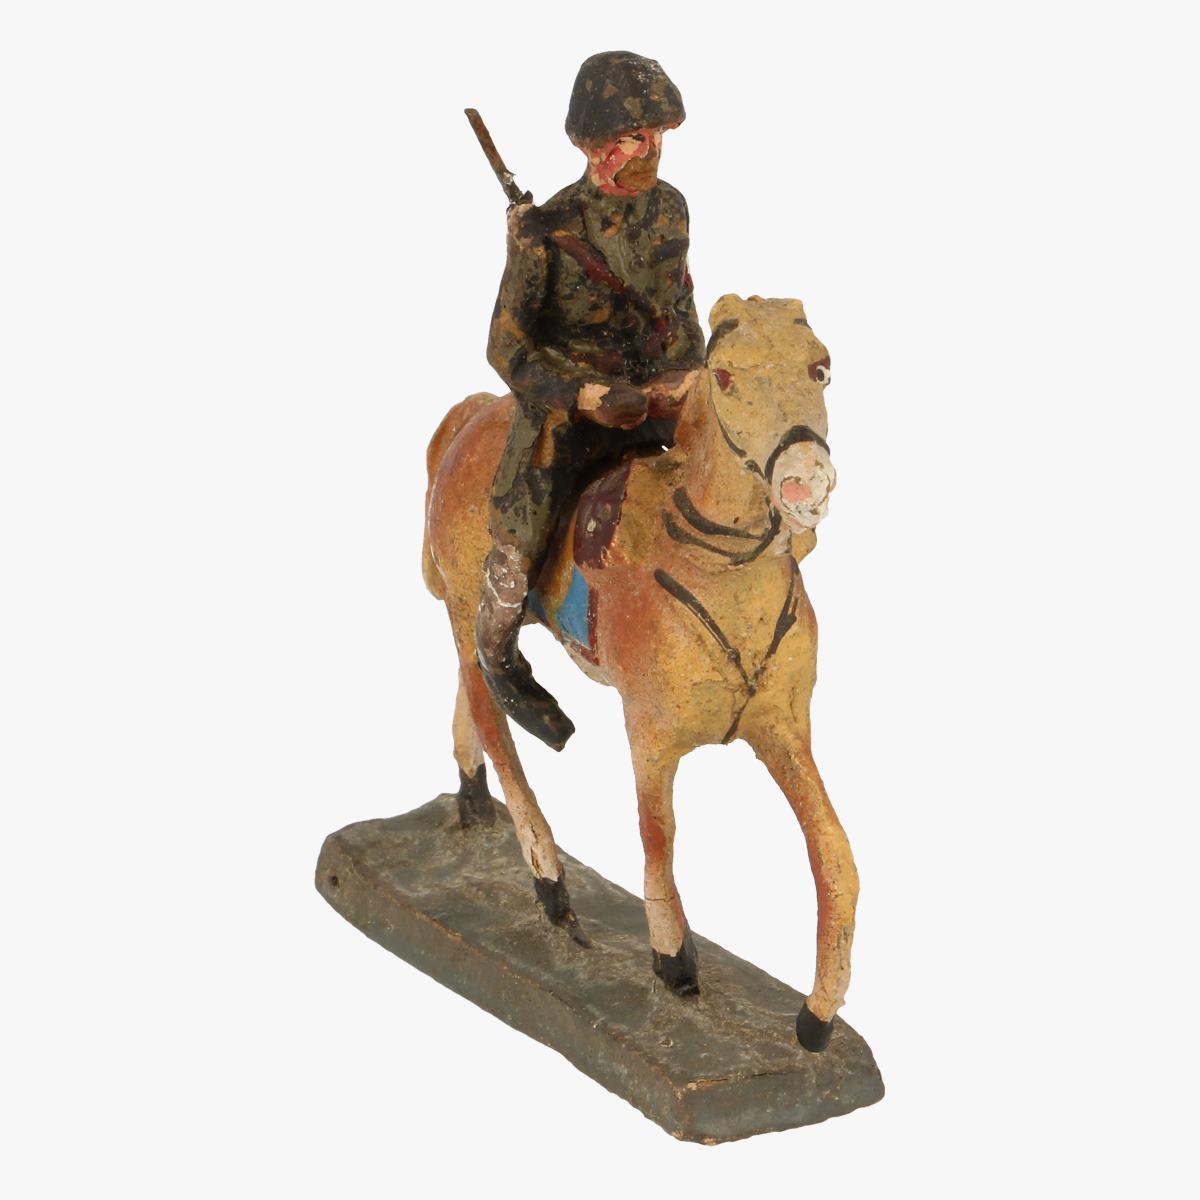 Afbeeldingen van elastolin soldaatjes fabr: